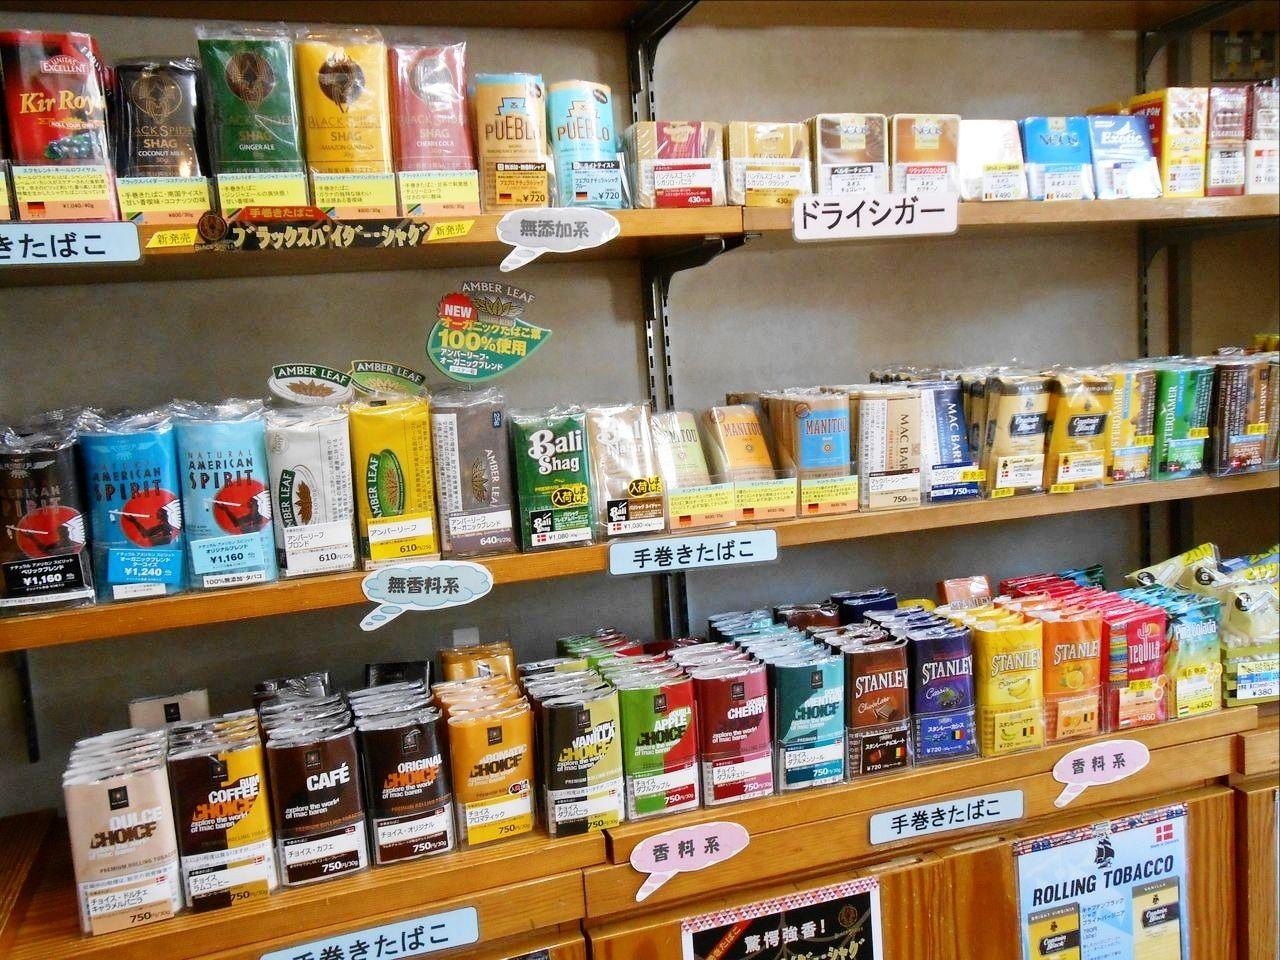 コンパルさんでは色々な種類のタバコが置いてあります!